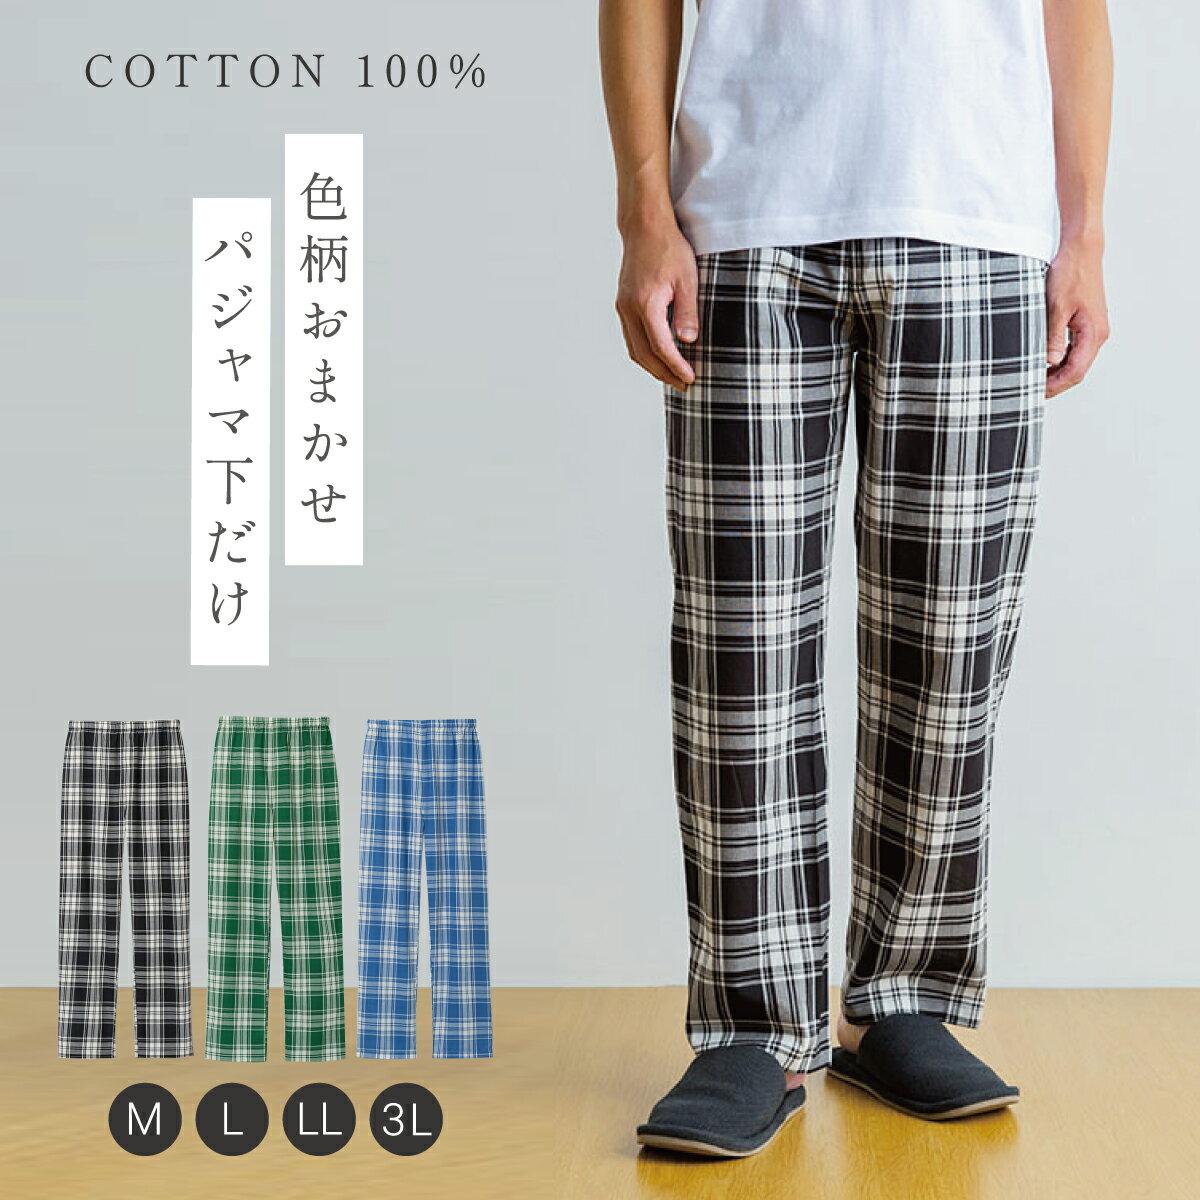 パジャマ 下だけ メンズ 父の日 綿100% パジャマ下 男性用 セット 春夏 3枚組 メンズ M-3L